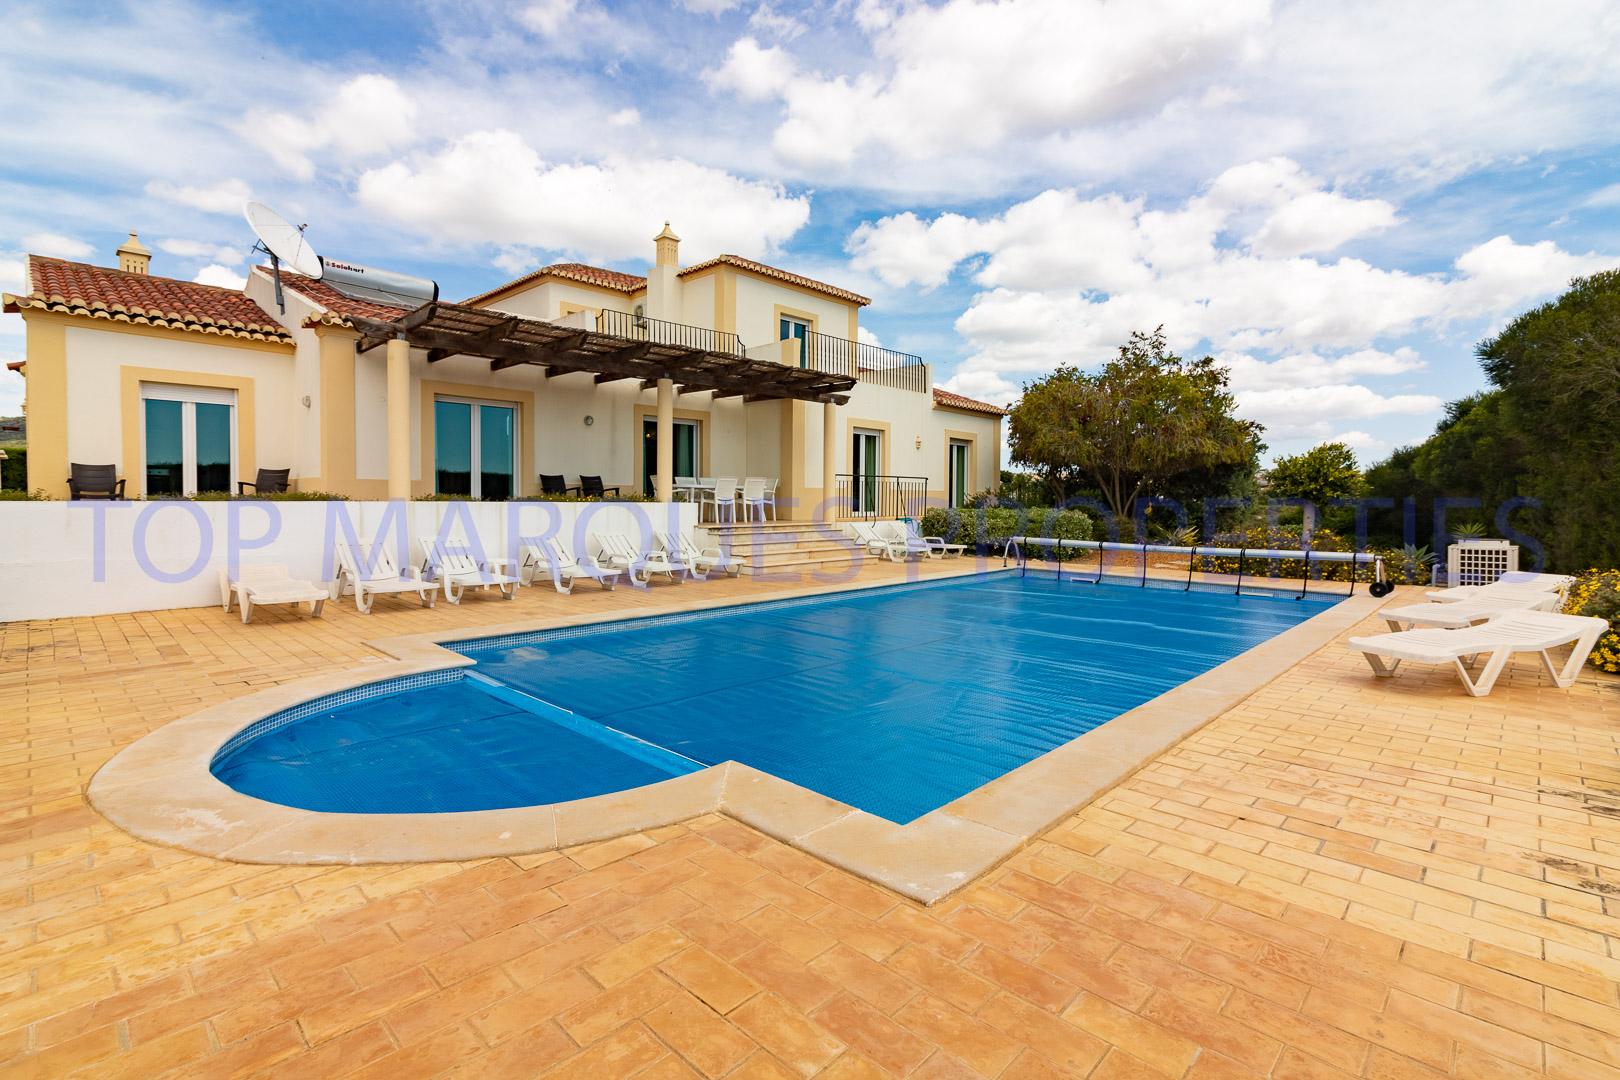 Moradia espaçosa com 3 pisos, jardim, piscina e terraços com vista mar